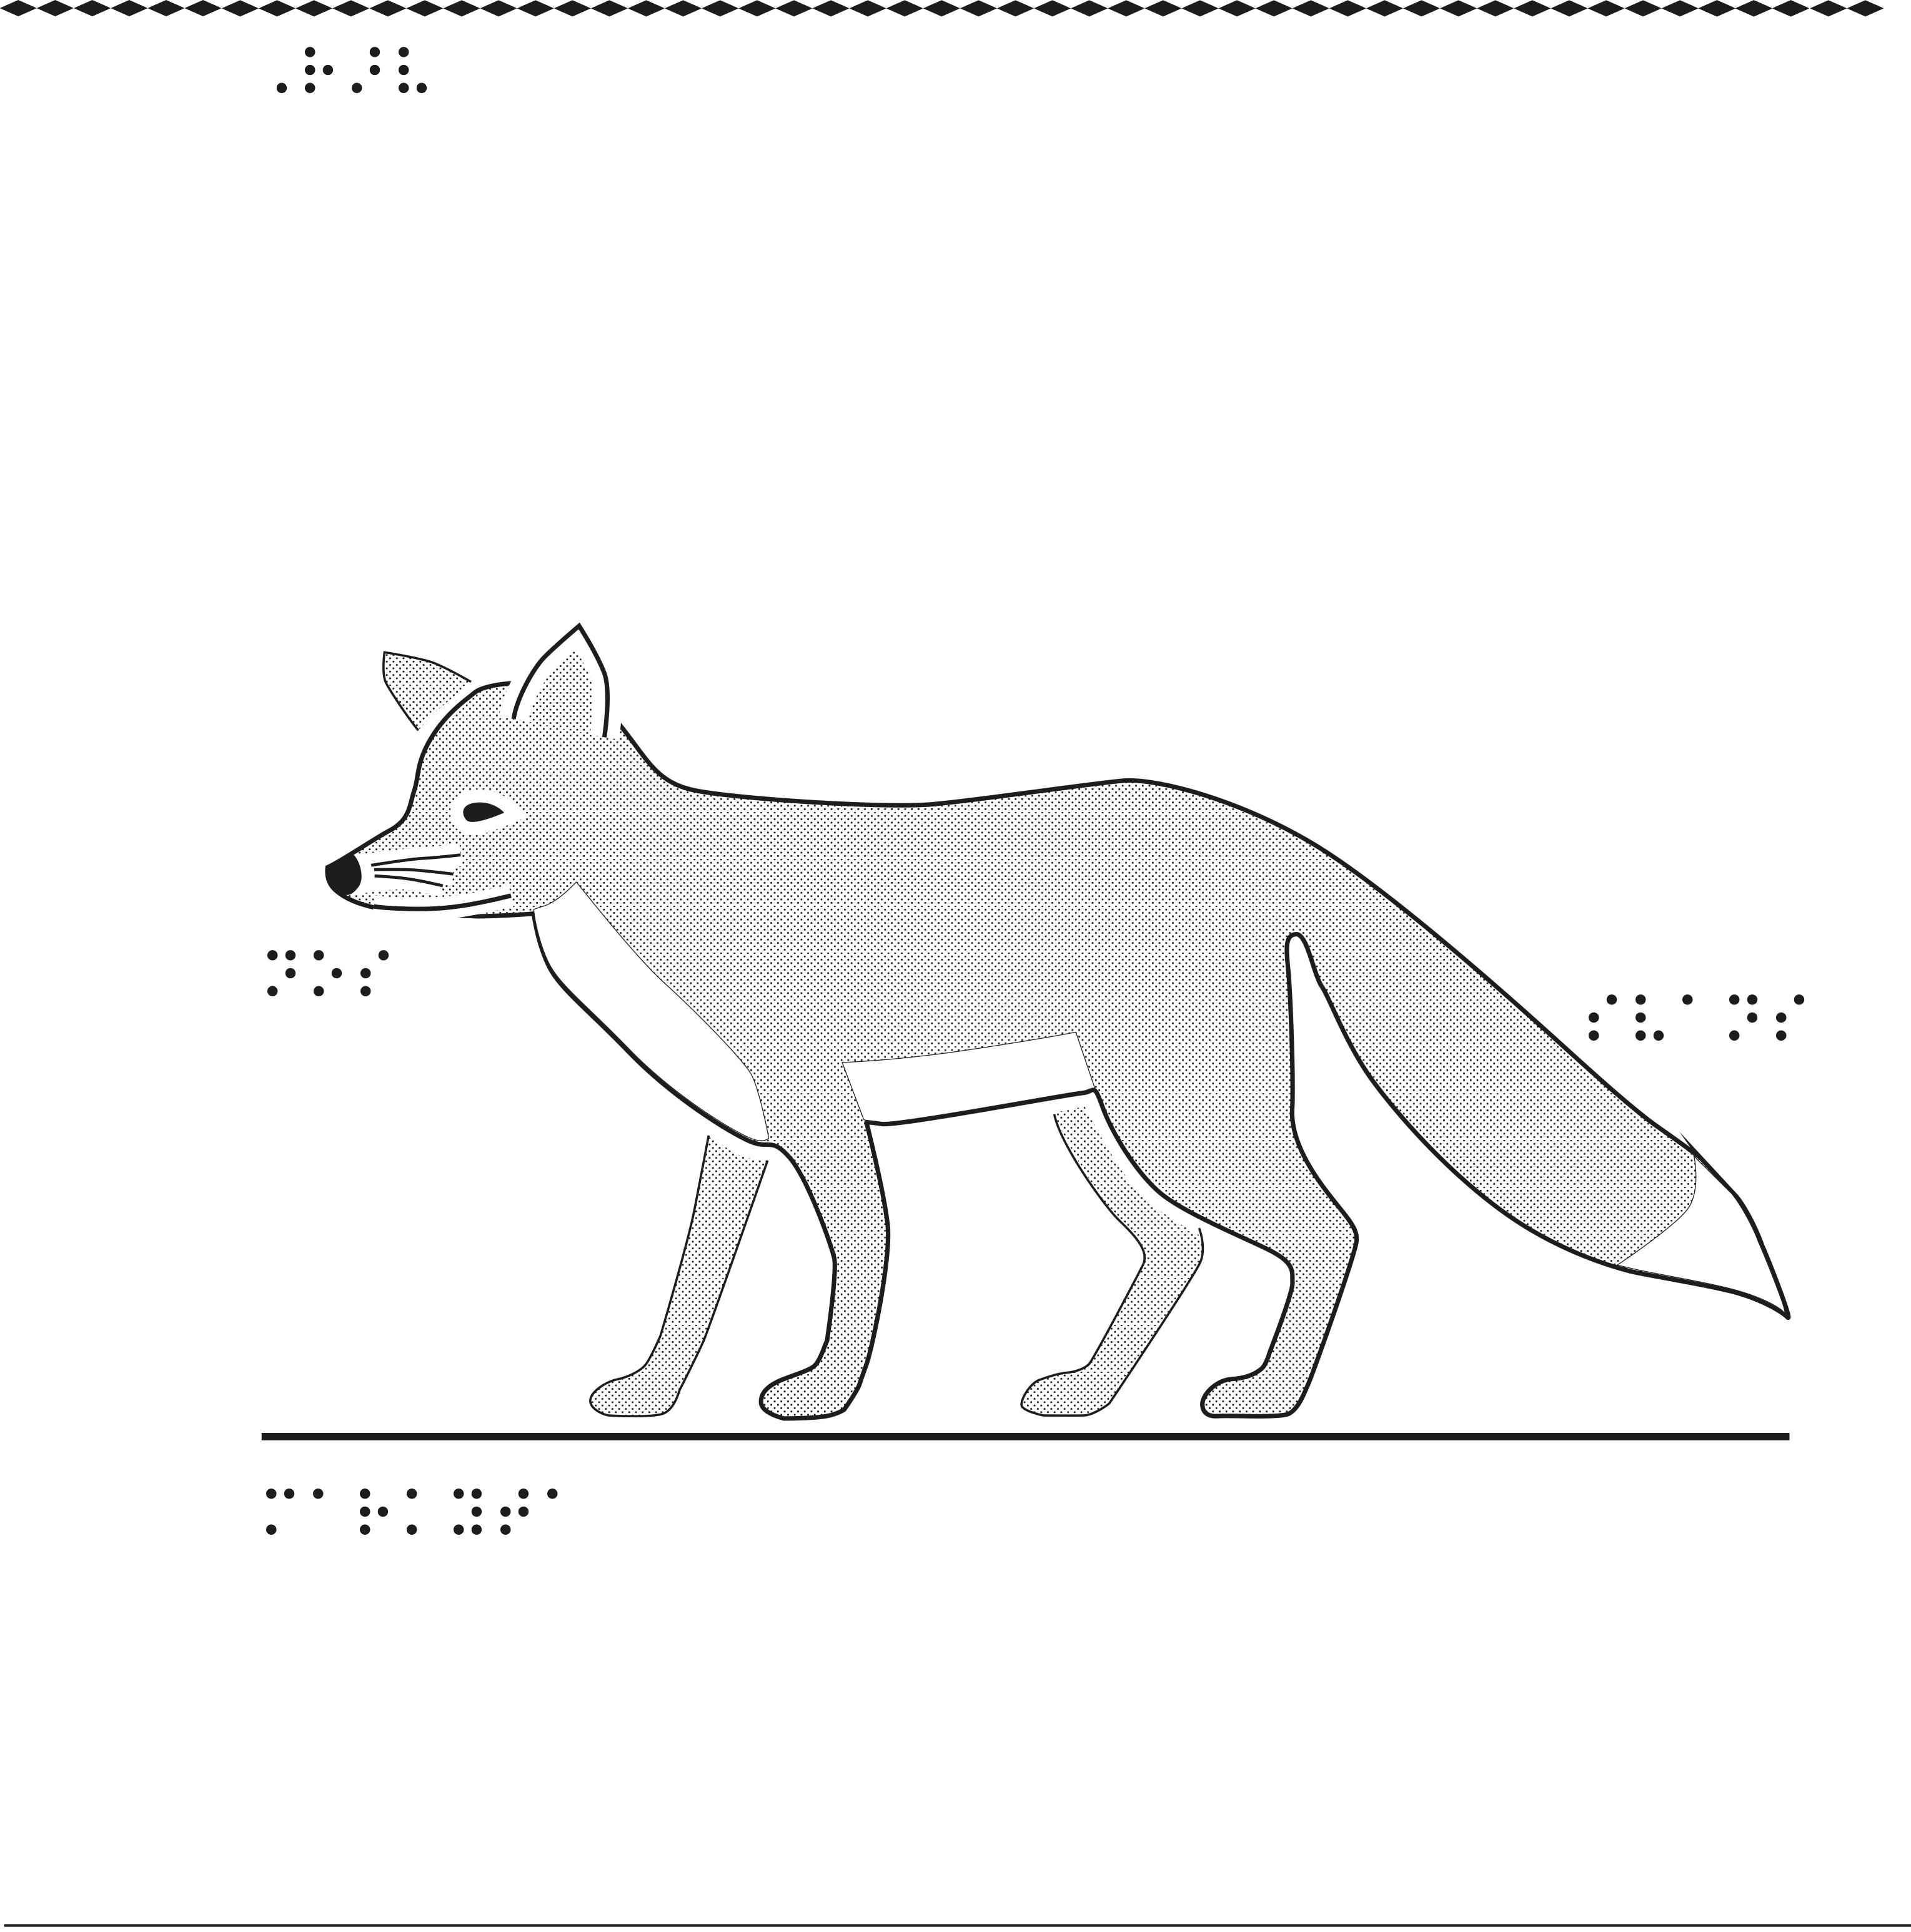 Taktil bild på en räv.